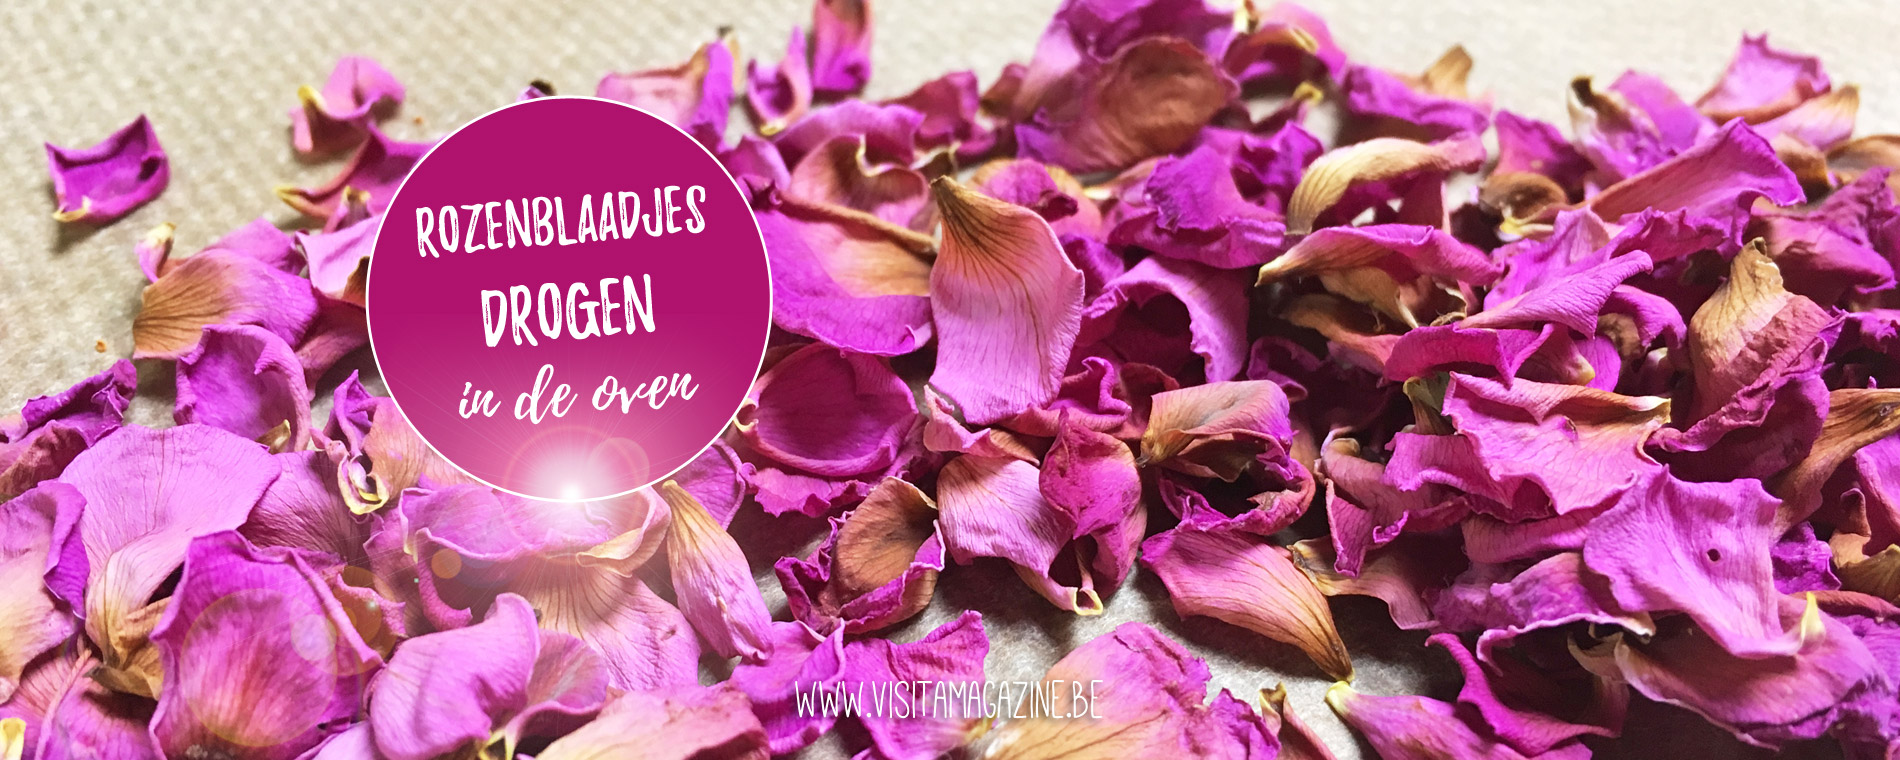 Rozenblaadjes bloemen drogen in de oven